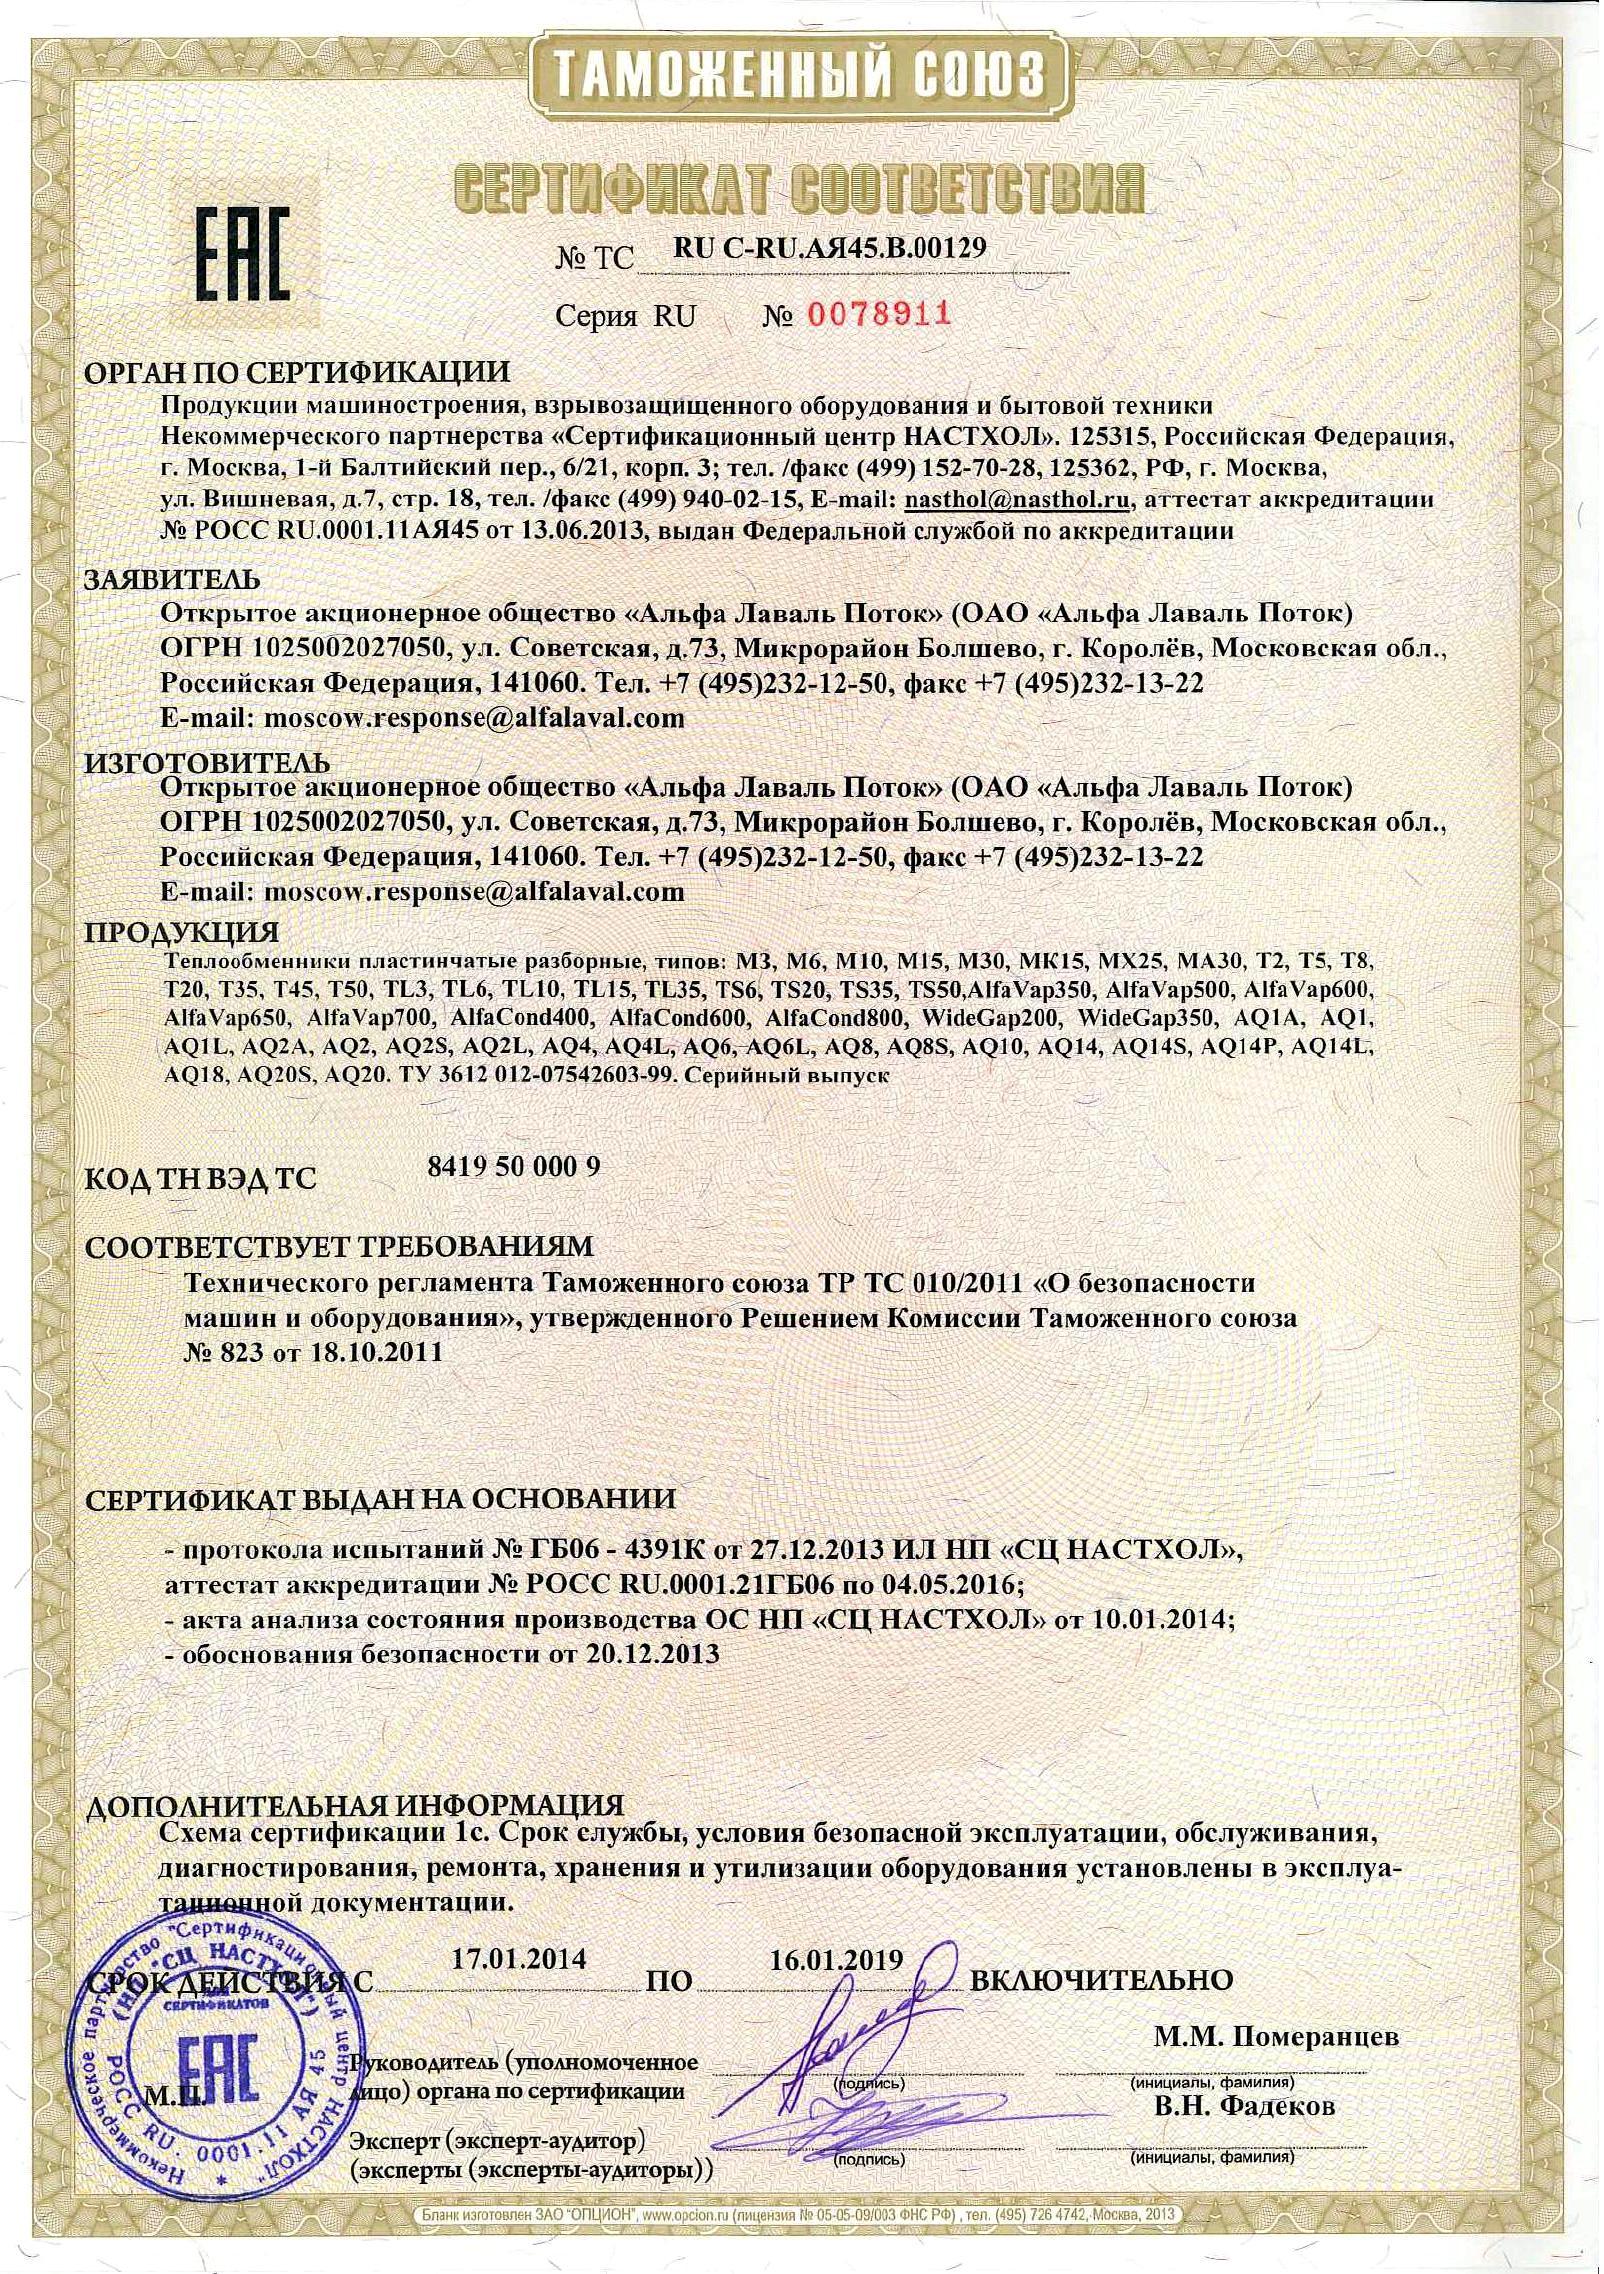 Сертификаты на теплообменник данфосс теплообменник для будерус